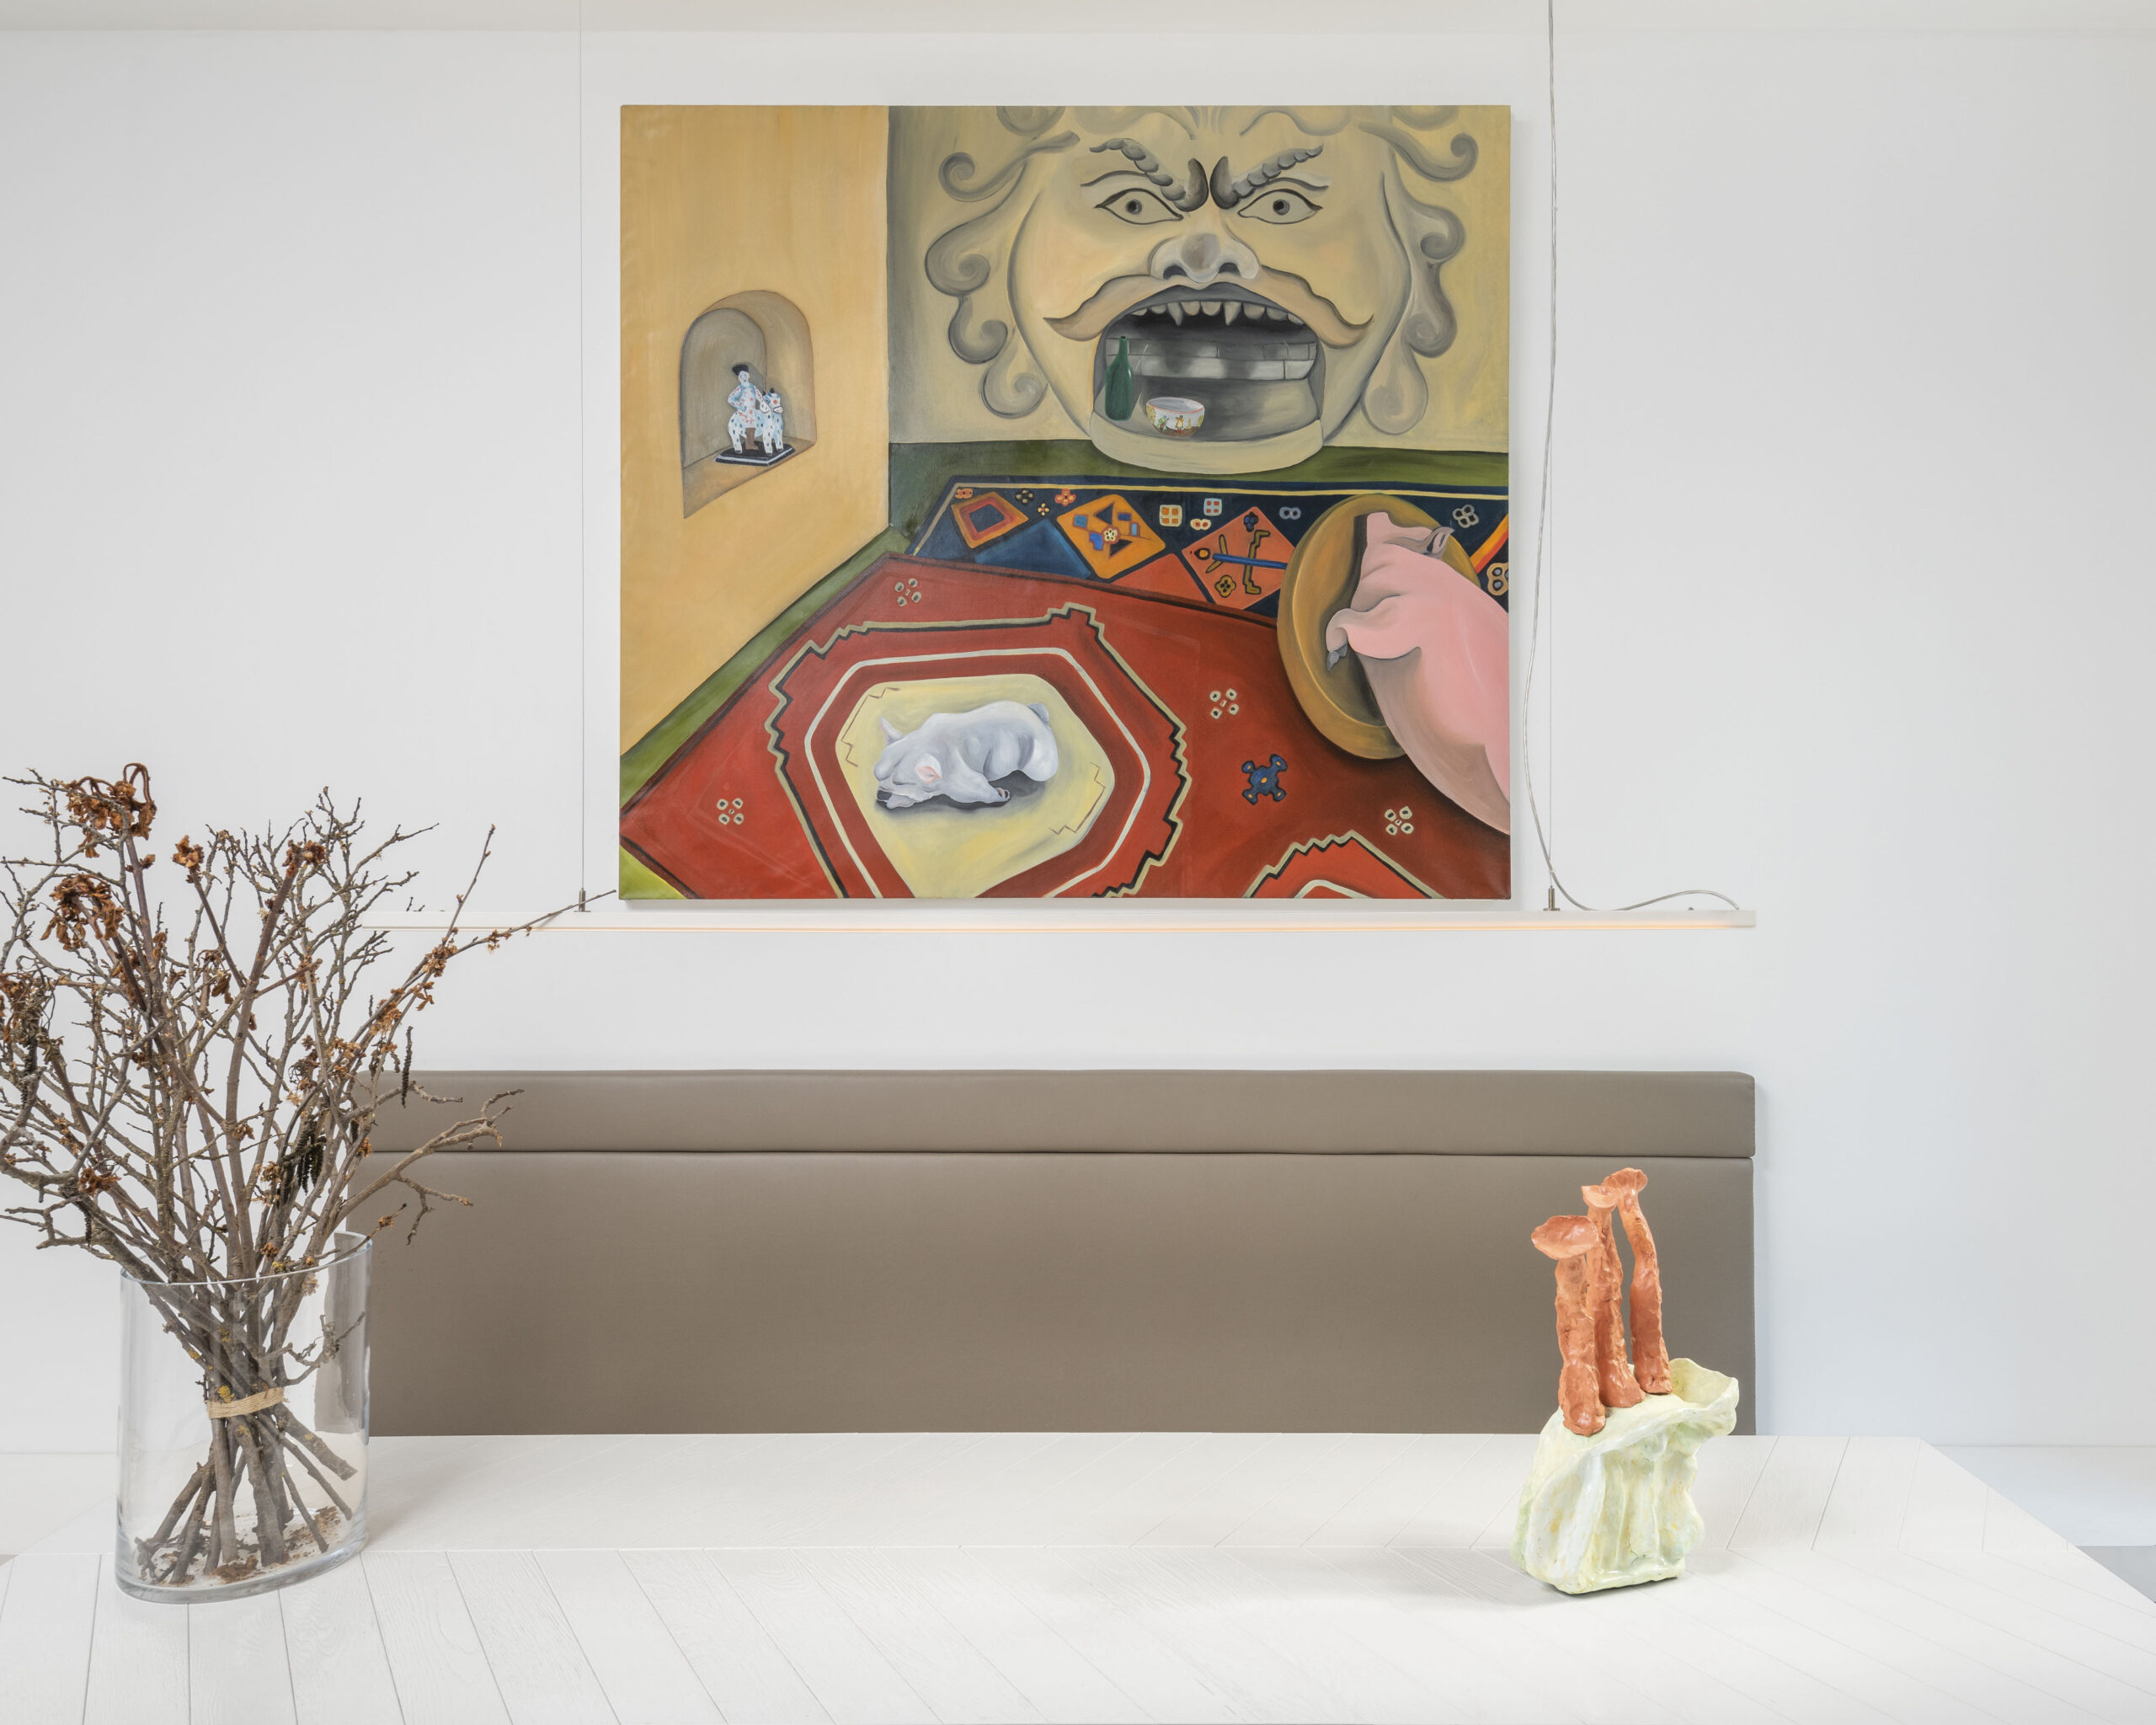 ASA NISI MASA | L'alterità domestica di Lula Broglio, Federico Cantale e Davide Mancini Zanchi